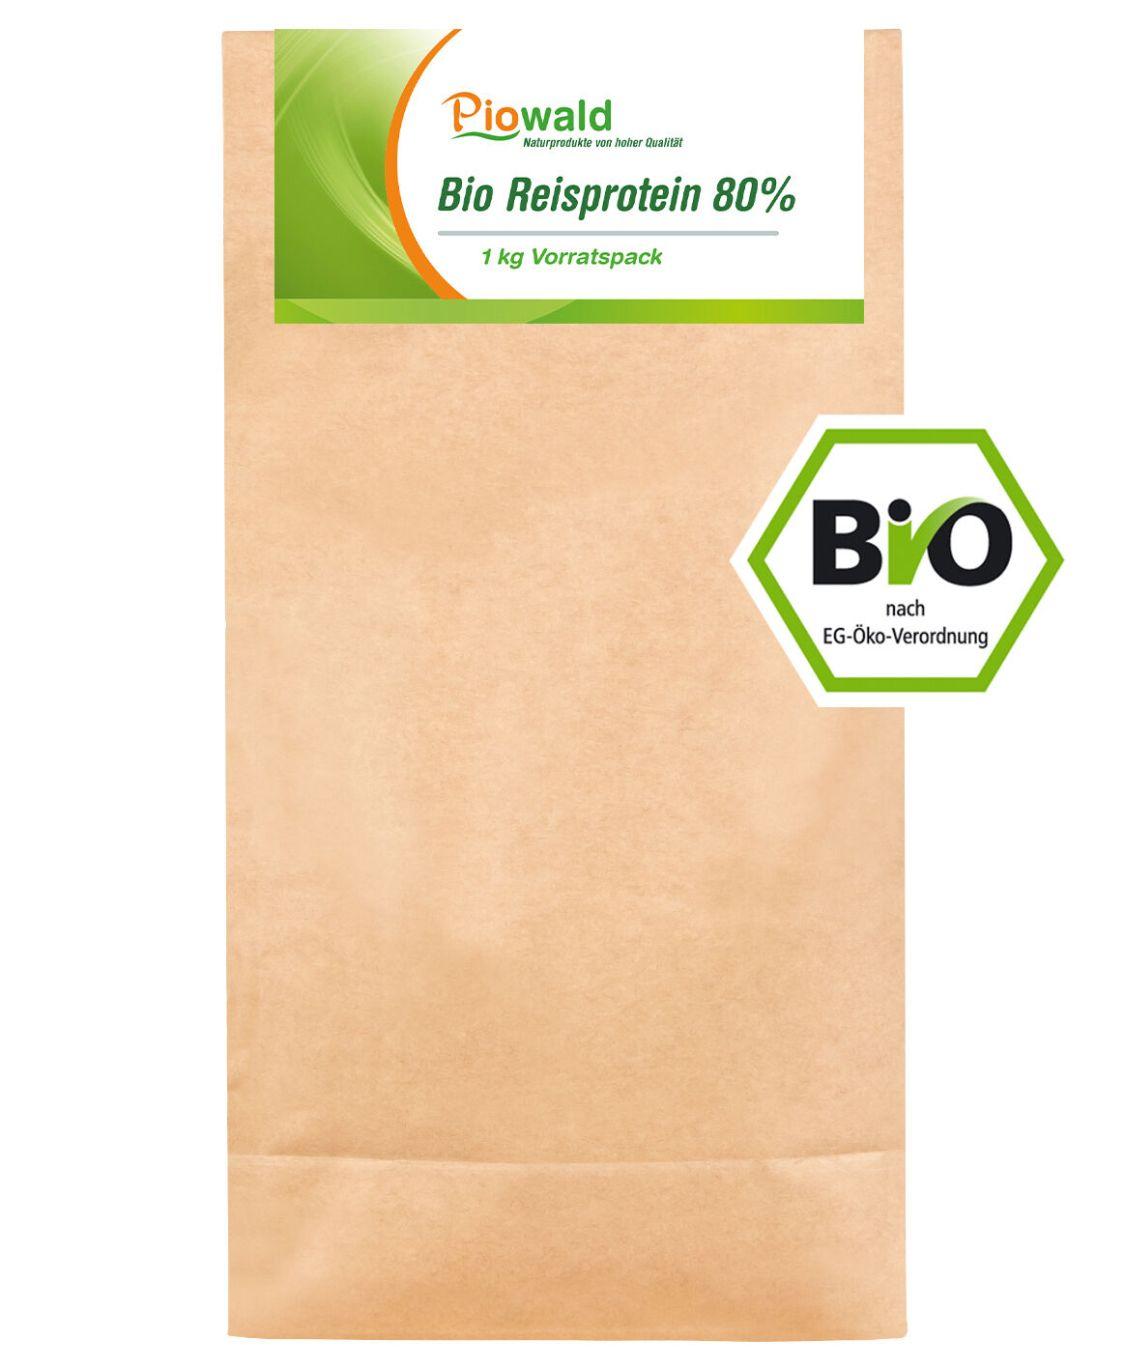 BIO Reisprotein 80% - 1 kg Vorratspack (19,90 €/Kg)